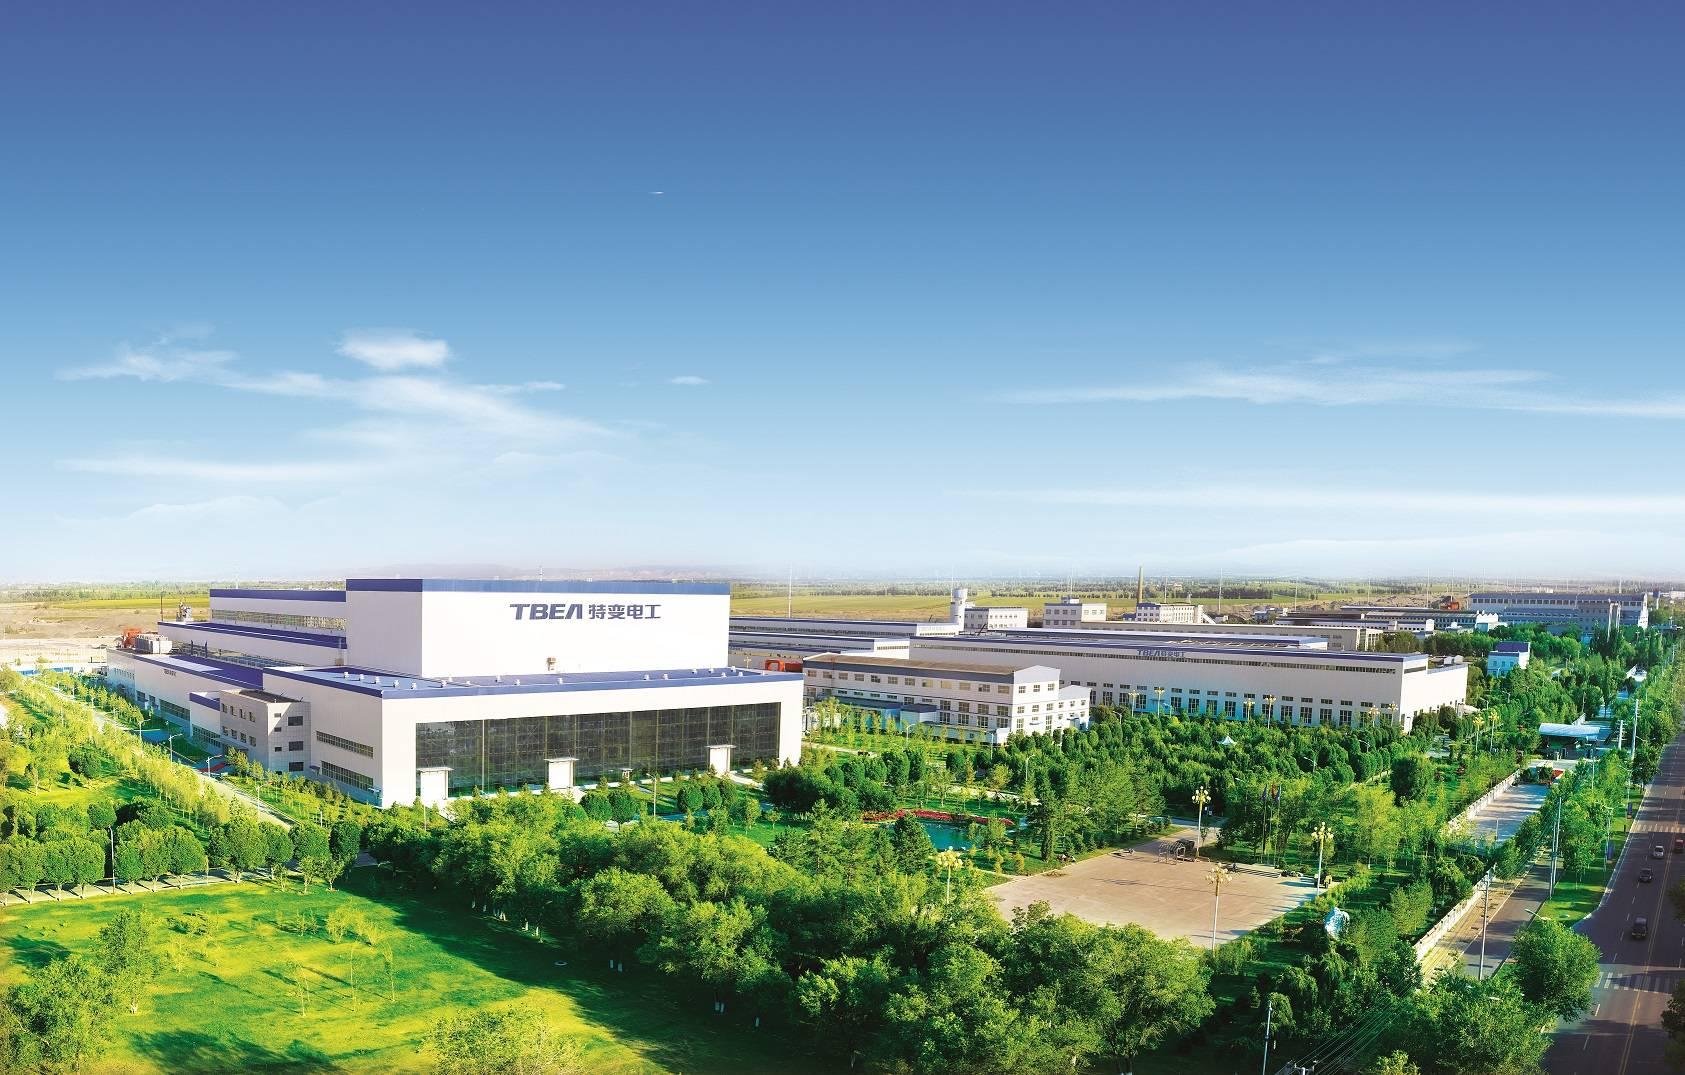 共斩获267.5MW风电项目 特变电工新能源11月江西、重庆两地捷报频传